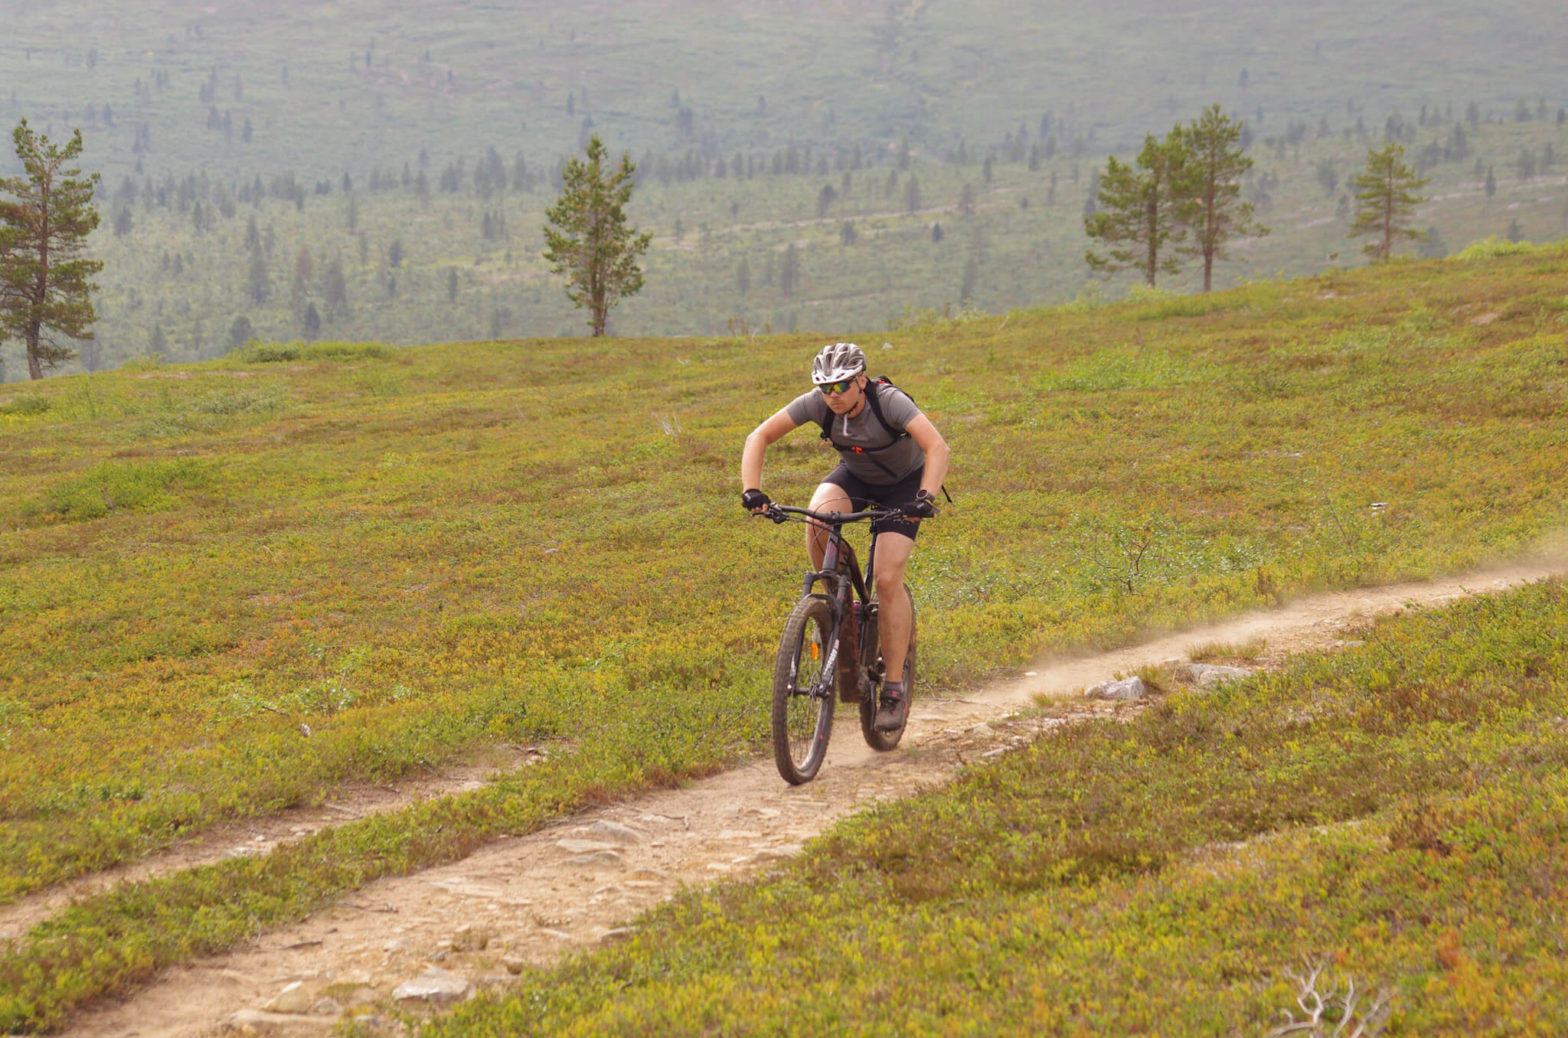 Maastopyöräily + polkujuoksu = tunturiduathlon